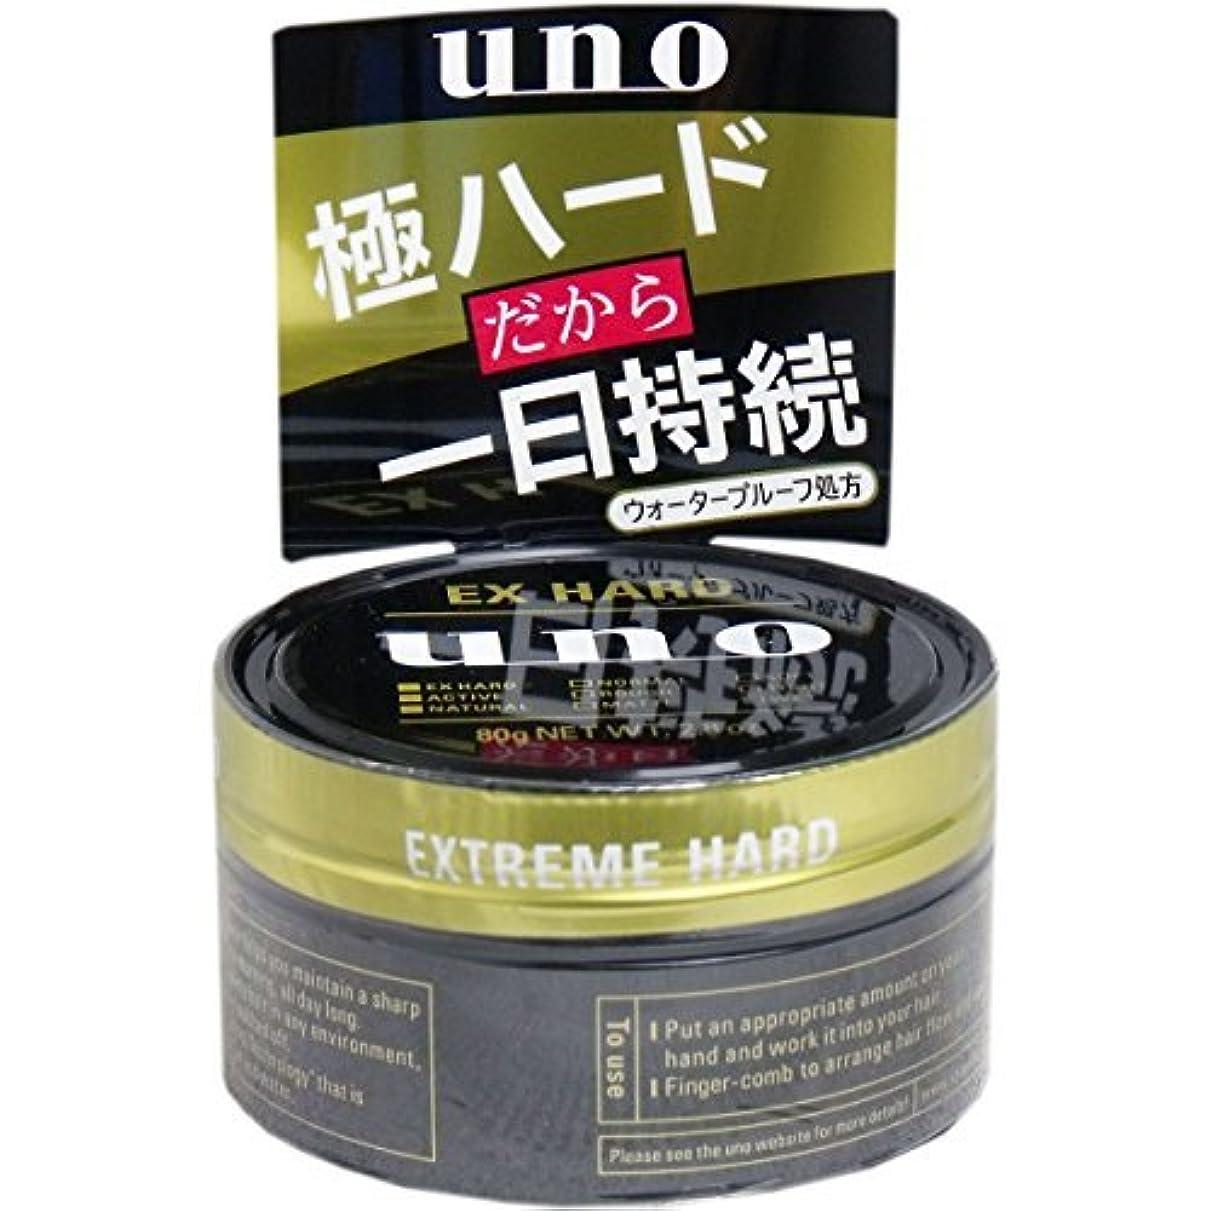 UNO(ウーノ) エクストリームハード 整髪料 80g